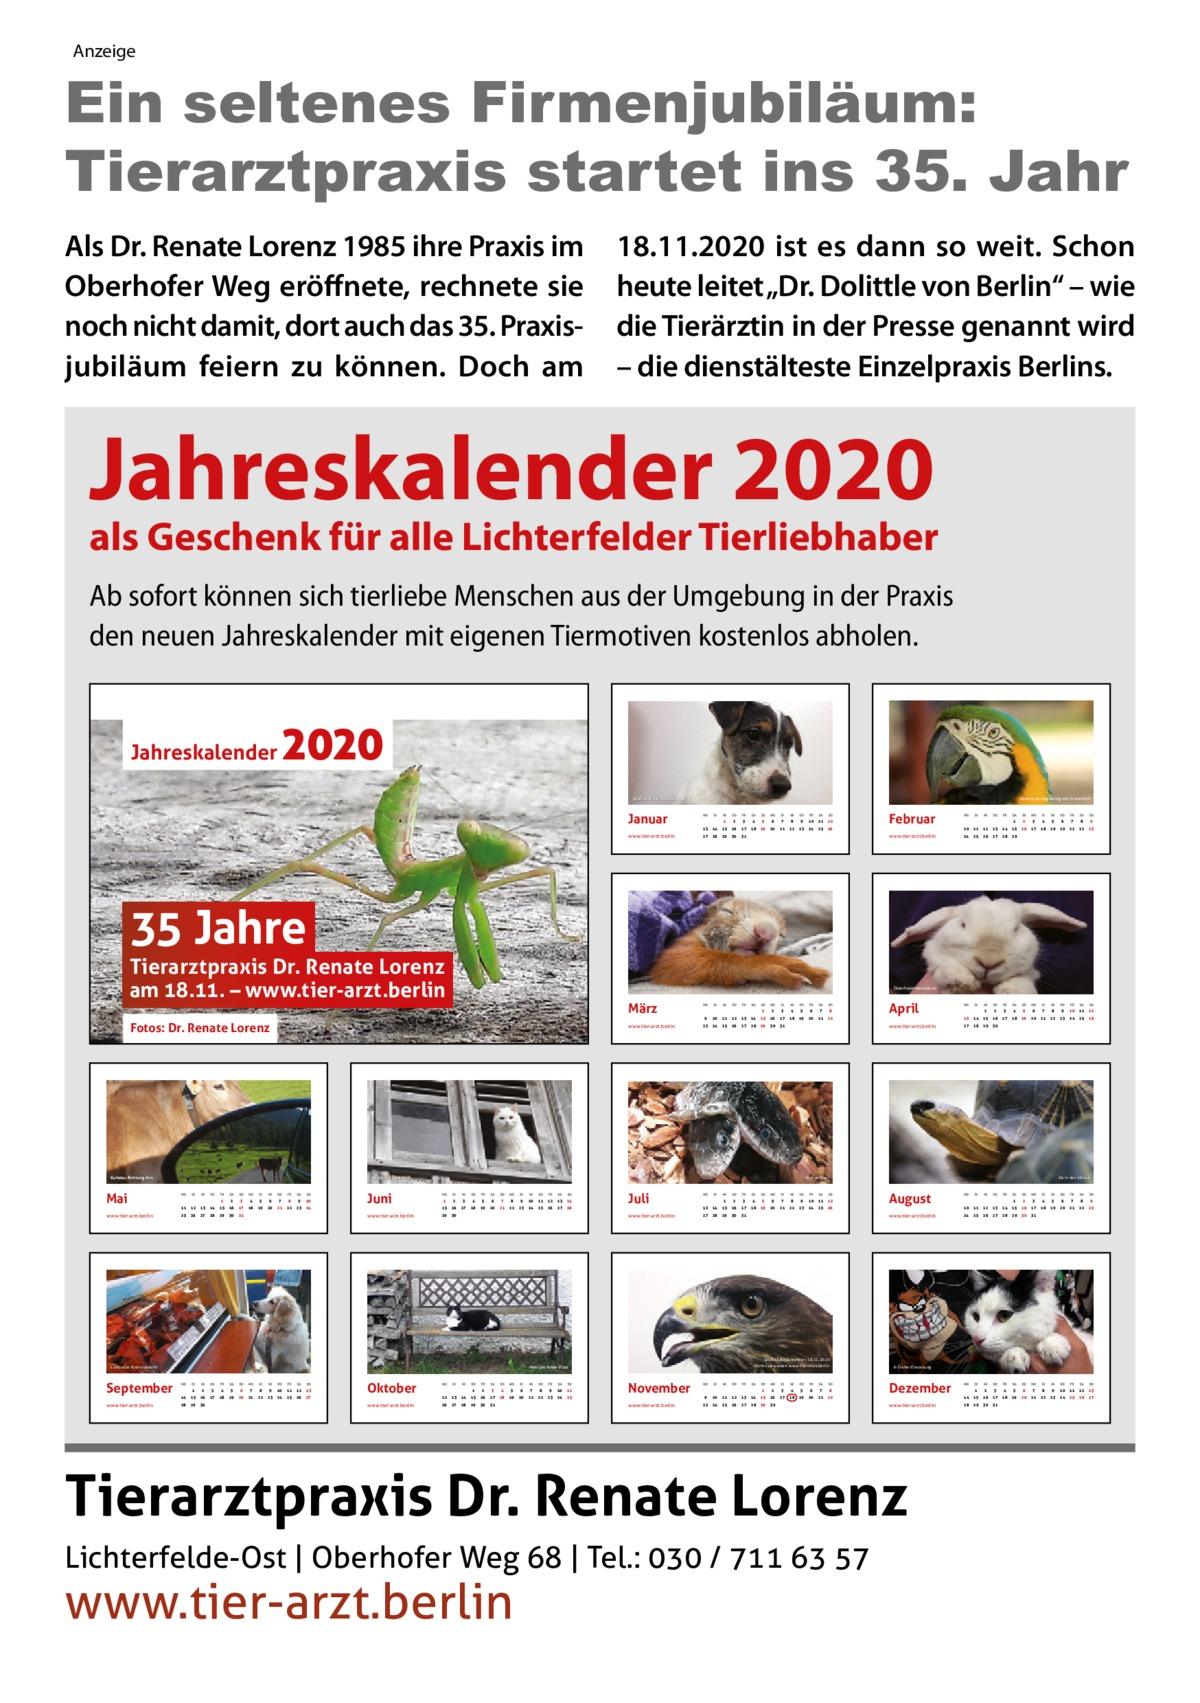 """Anzeige  Ein seltenes Firmenjubiläum: Tierarztpraxis startet ins 35. Jahr Als Dr. Renate Lorenz 1985 ihre Praxis im Oberhofer Weg eröffnete, rechnete sie noch nicht damit, dort auch das 35.Praxis jubiläum feiern zu können. Doch am  18.11.2020 ist es dann so weit. Schon heute leitet """"Dr. Dolittle von Berlin"""" – wie die Tierärztin in der Presse genannt wird – die dienstälteste Einzelpraxis Berlins.  Jahreskalender 2020  als Geschenk für alle Lichterfelder Tierliebhaber Ab sofort können sich tierliebe Menschen aus der Umgebung in der Praxis den neuen Jahreskalender mit eigenen Tiermotiven kostenlos abholen.  2020  Jahreskalender  Ebenso wortgewaltig wie farbenfroh  Spaß auch bei Hundewetter  Januar www.tier-arzt.berlin  1  2  3  4  5  6  7  8  9  10  11  12  13  14  15  16  17  18  19  20  21  22  23  24  25  26  27  28  29  30  31  Februar www.tier-arzt.berlin  1  2  3  4  5  6  7  8  9  10  11  12  13  14  15  16  17  18  19  20  21  22  23  24  25  26  27  28  29  2  3  4  5  6  7  8  9  10  11  12  13  14  15  16  17  18  19  20  21  22  23  24  25  26  27  28  29  30  35 Jahre  Tierarztpraxis Dr. Renate Lorenz am 18.11. – www.tier-arzt.berlin Fotos: Dr. Renate Lorenz  www.tier-arzt.berlin  Kuhstau Richtung Alm  Mai www.tier-arzt.berlin  www.tier-arzt.berlin  2  3  4  5  6  7  8  9  10  11  12  13  14  15  16  17  18  19  20  21  22  23  24  25  26  27  28  29  1  30  31  3  4  5  6  7  8  9  10  12  13  14  15  16  17  18  19  20  21  22  23  24  26  27  28  29  1  30  31  1  2  3  4  5  6  7  8  9  10  11  12  13  17  18  19  20  21  22  23  24  25  26  27  Juni www.tier-arzt.berlin  2  3  4  5  6  7  8  9  10  11  12  13  14  15  16  17  18  19  20  21  22  23  24  25  26  27  28  29  30  31  14  15  16  28  29  30  www.tier-arzt.berlin  1  Ab in den Urlaub  Kopf an Kopf  2  3  4  5  6  7  8  9  10  11  12  13  14  15  16  17  18  19  20  21  22  23  24  25  26  27  28  29  1  30  Juli www.tier-arzt.berlin  1  1  2  3  4  5  6  7  8  9  10  11  18  19  20  21  22"""